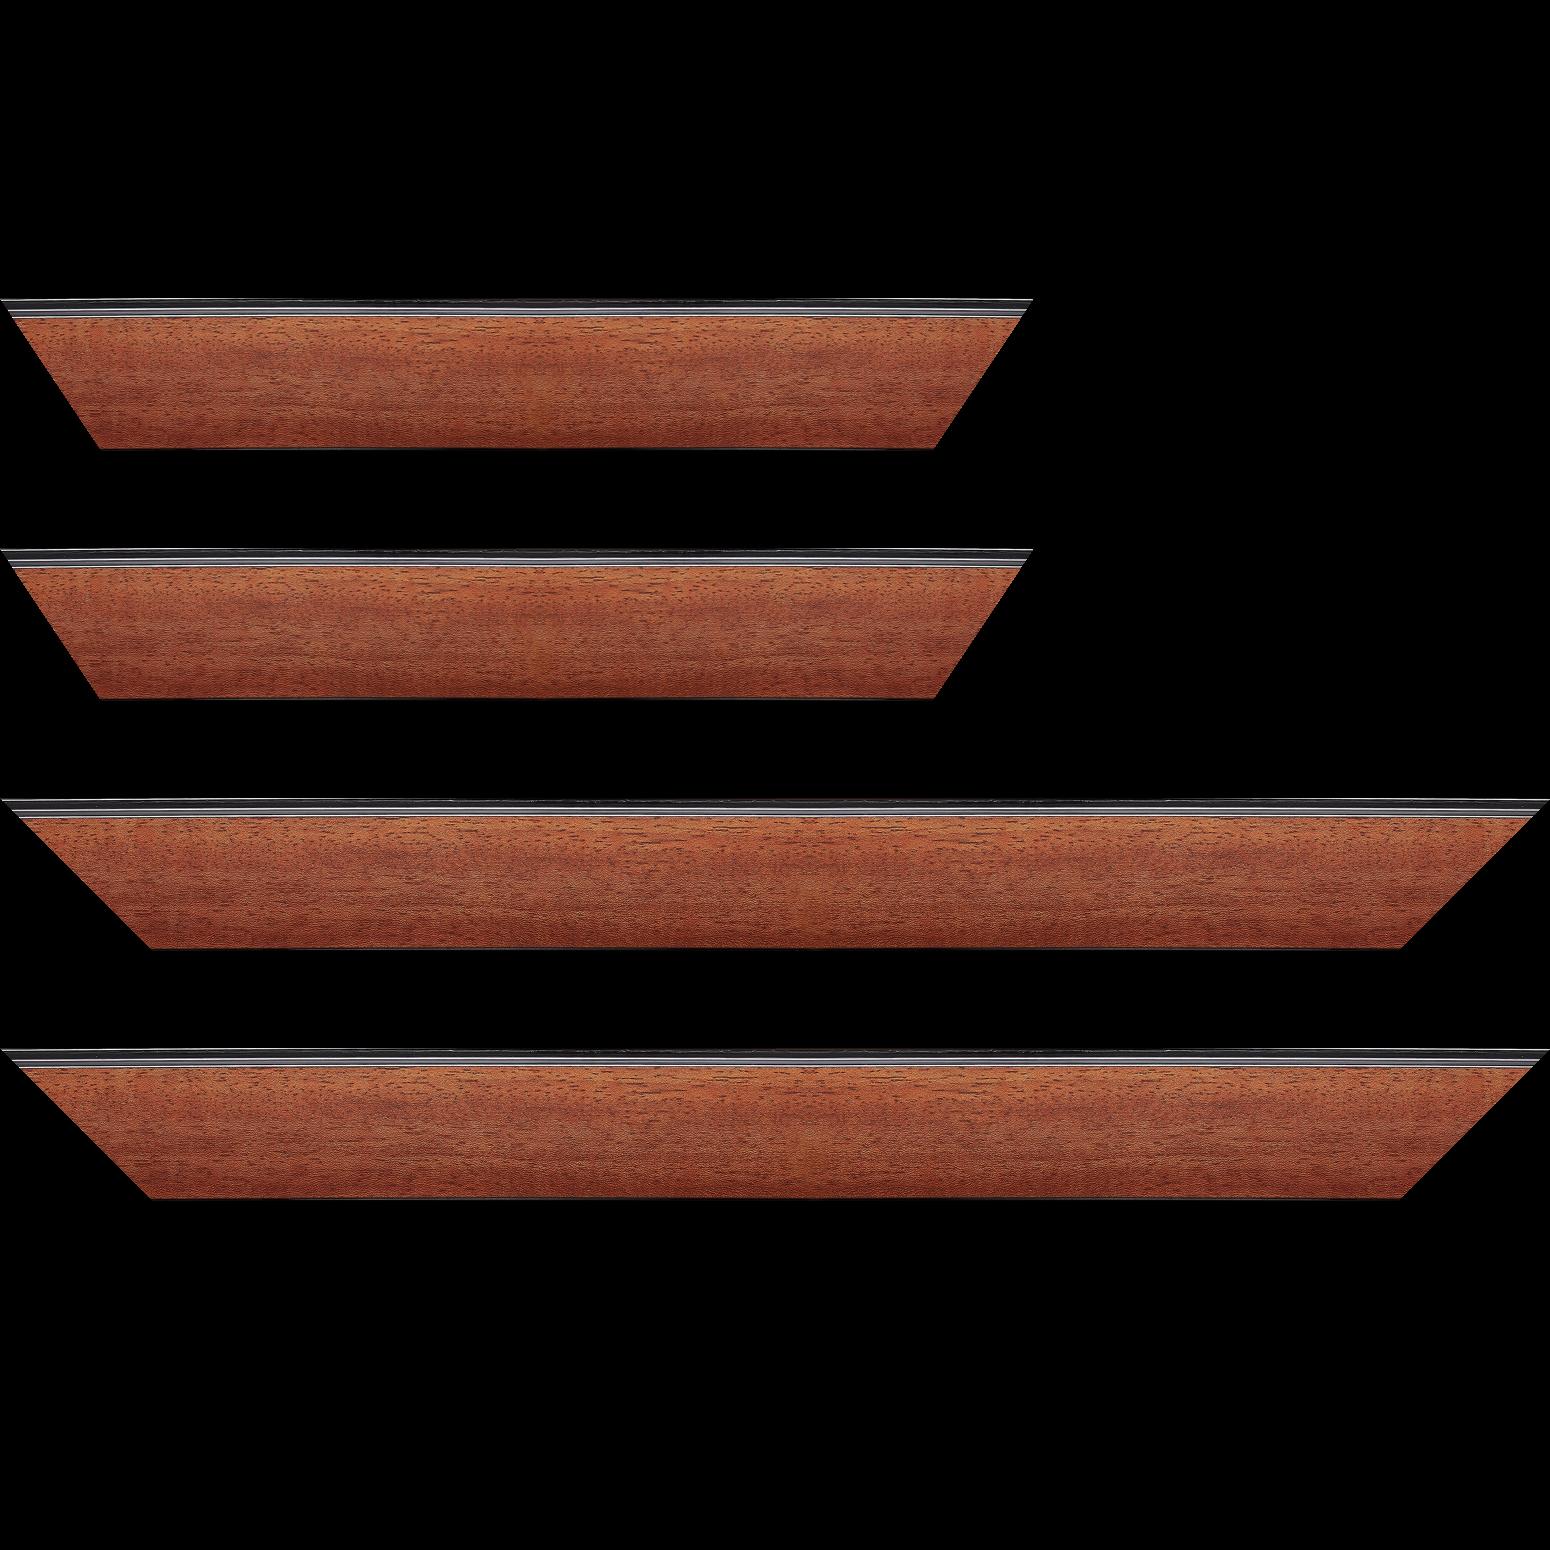 Baguette service précoupé Bois profil en pente méplat largeur 4.8cm couleur acajou satiné surligné par une gorge extérieure noire : originalité et élégance assurée